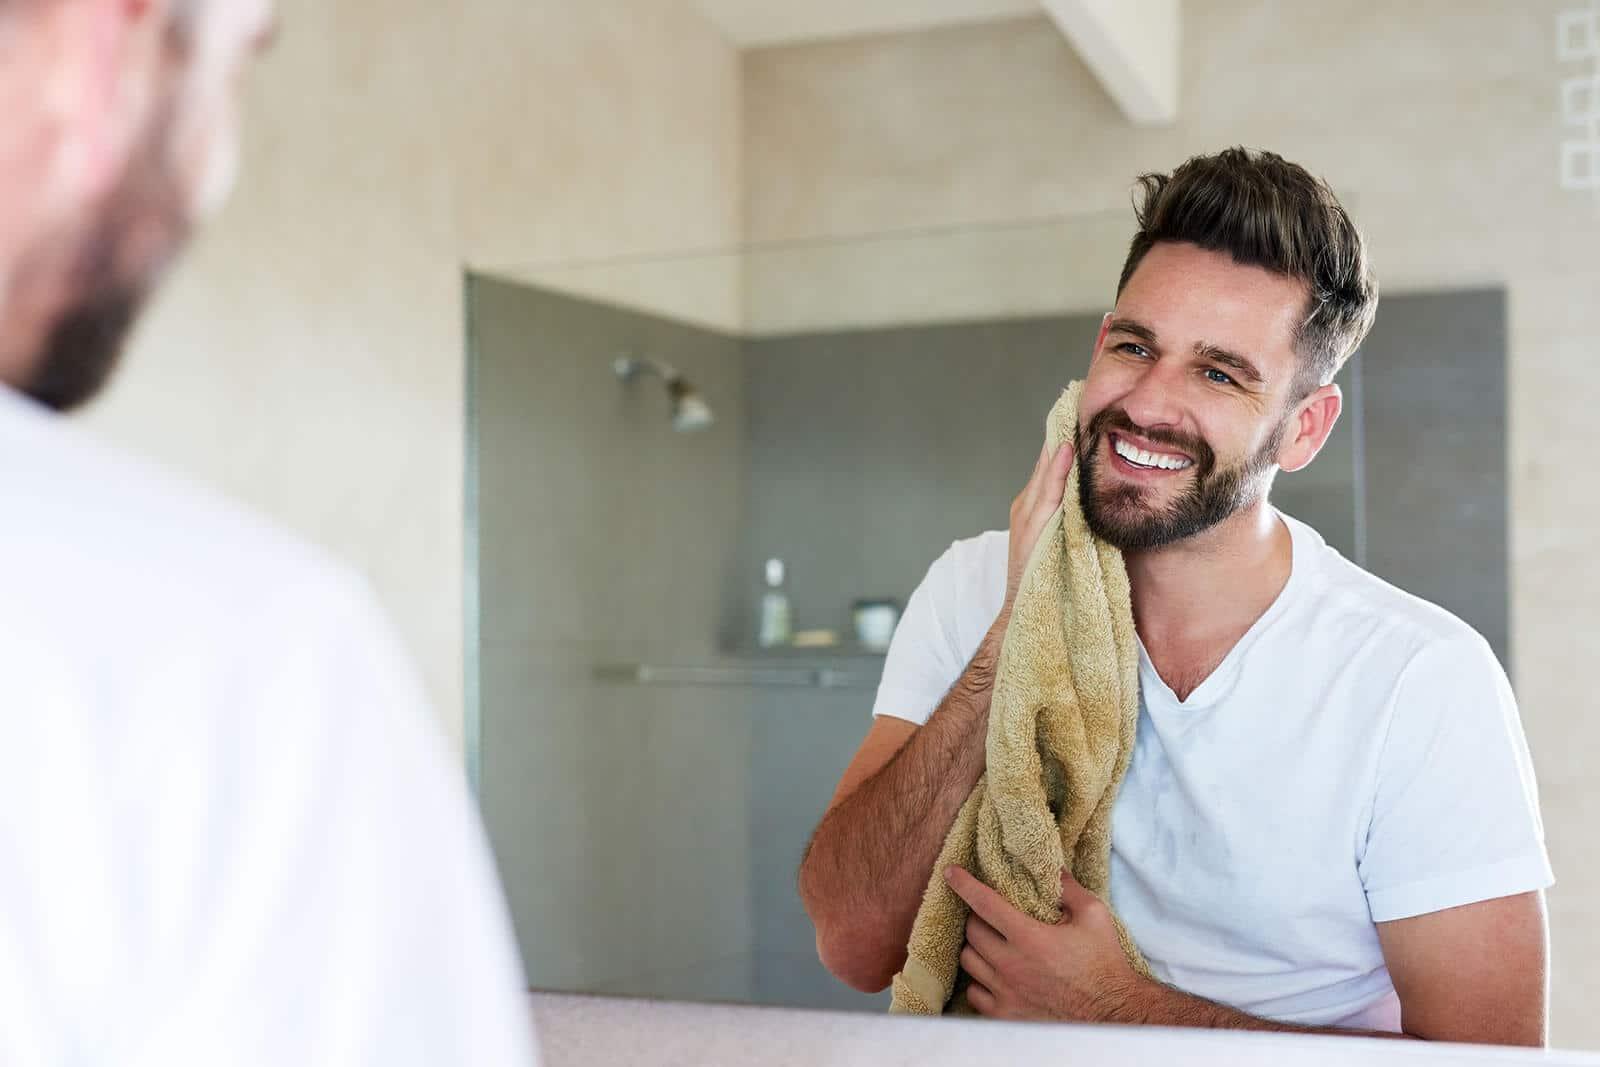 hudpleje til mænd